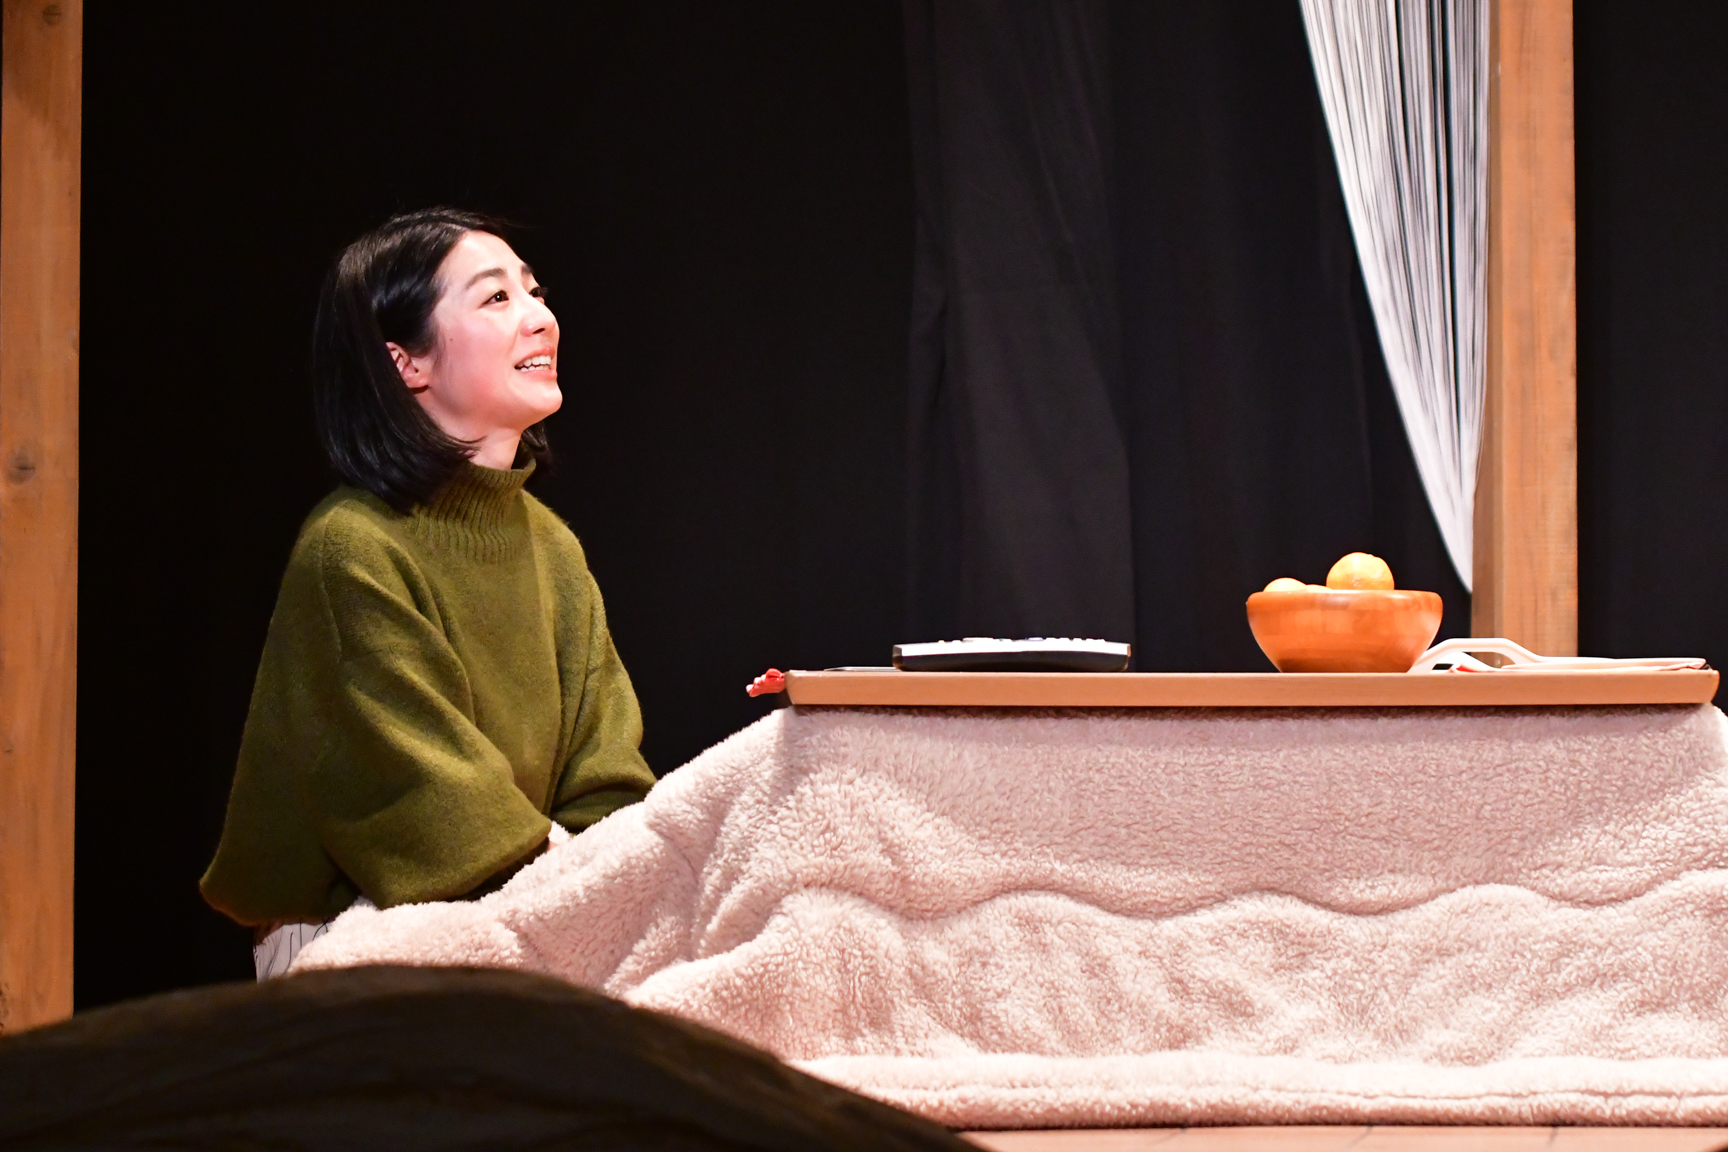 秋元康氏プロデュースの「劇団4ドル50セント」のコラボ公演第4弾となる舞台「劇団4ドル50セントとろりえの年末」